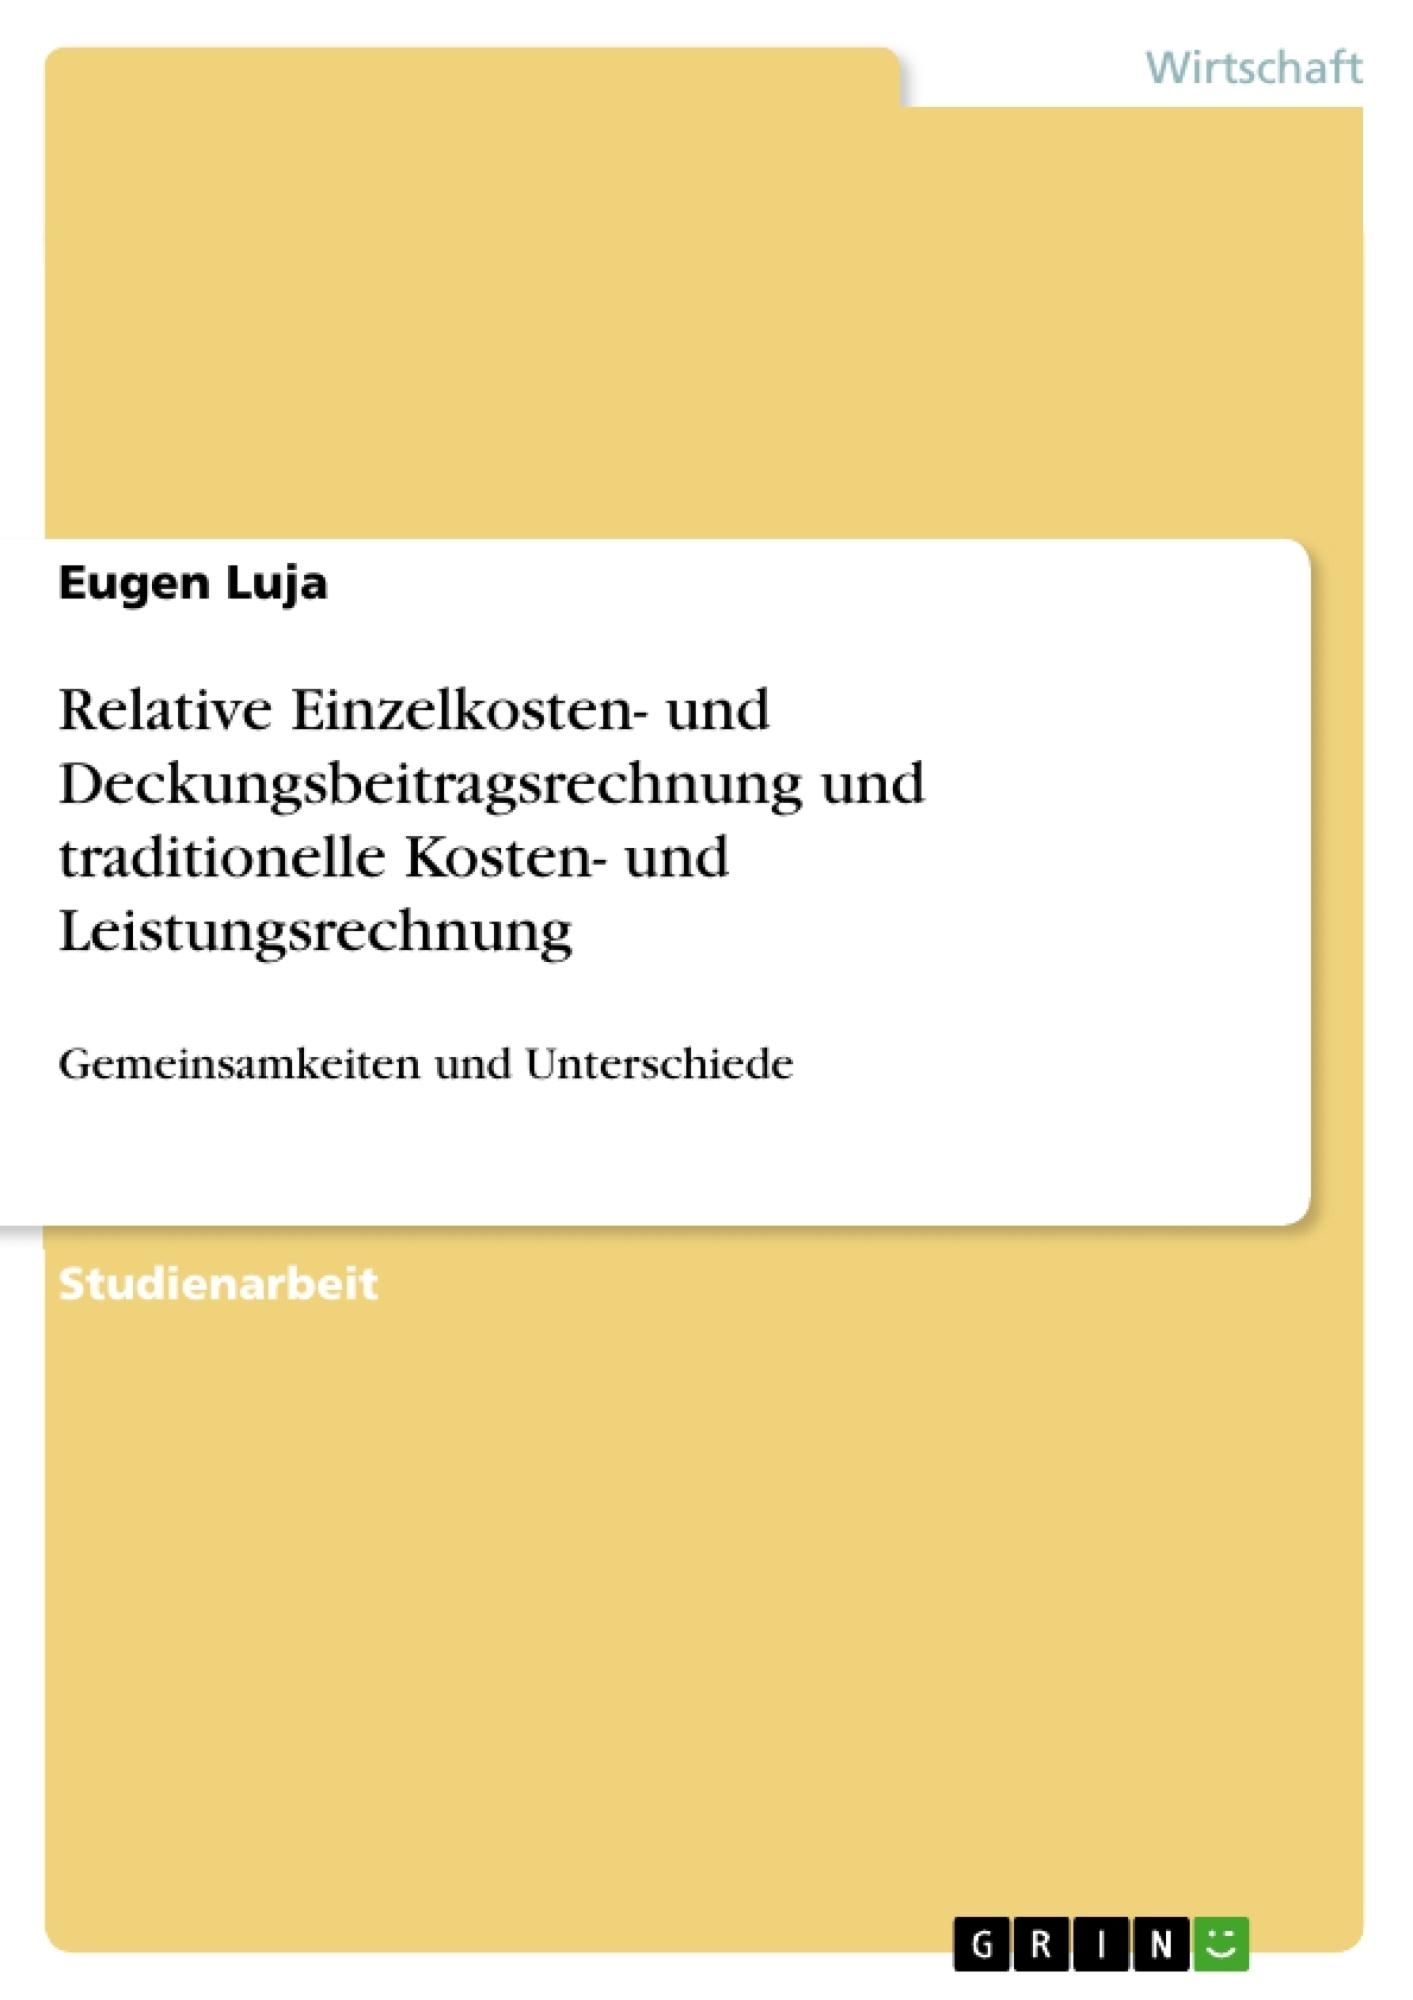 Titel: Relative Einzelkosten- und Deckungsbeitragsrechnung und traditionelle Kosten- und Leistungsrechnung